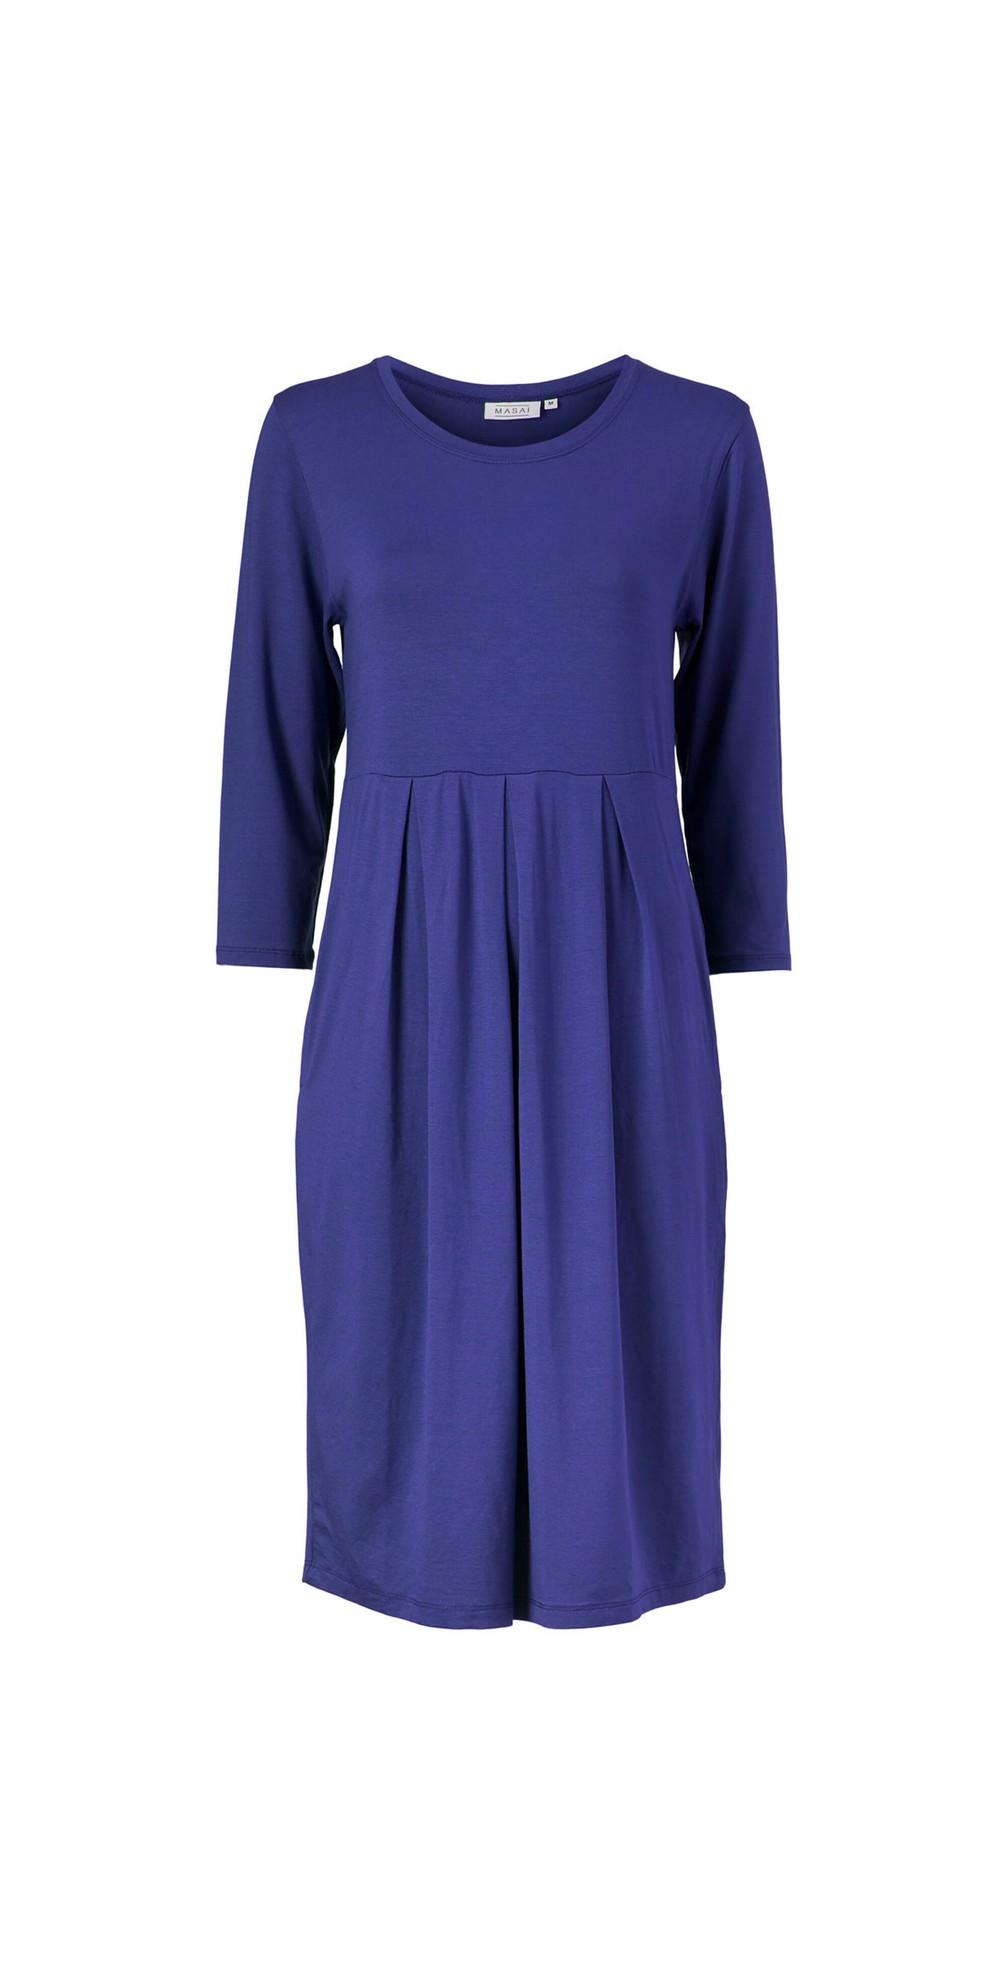 Noma Dress main image